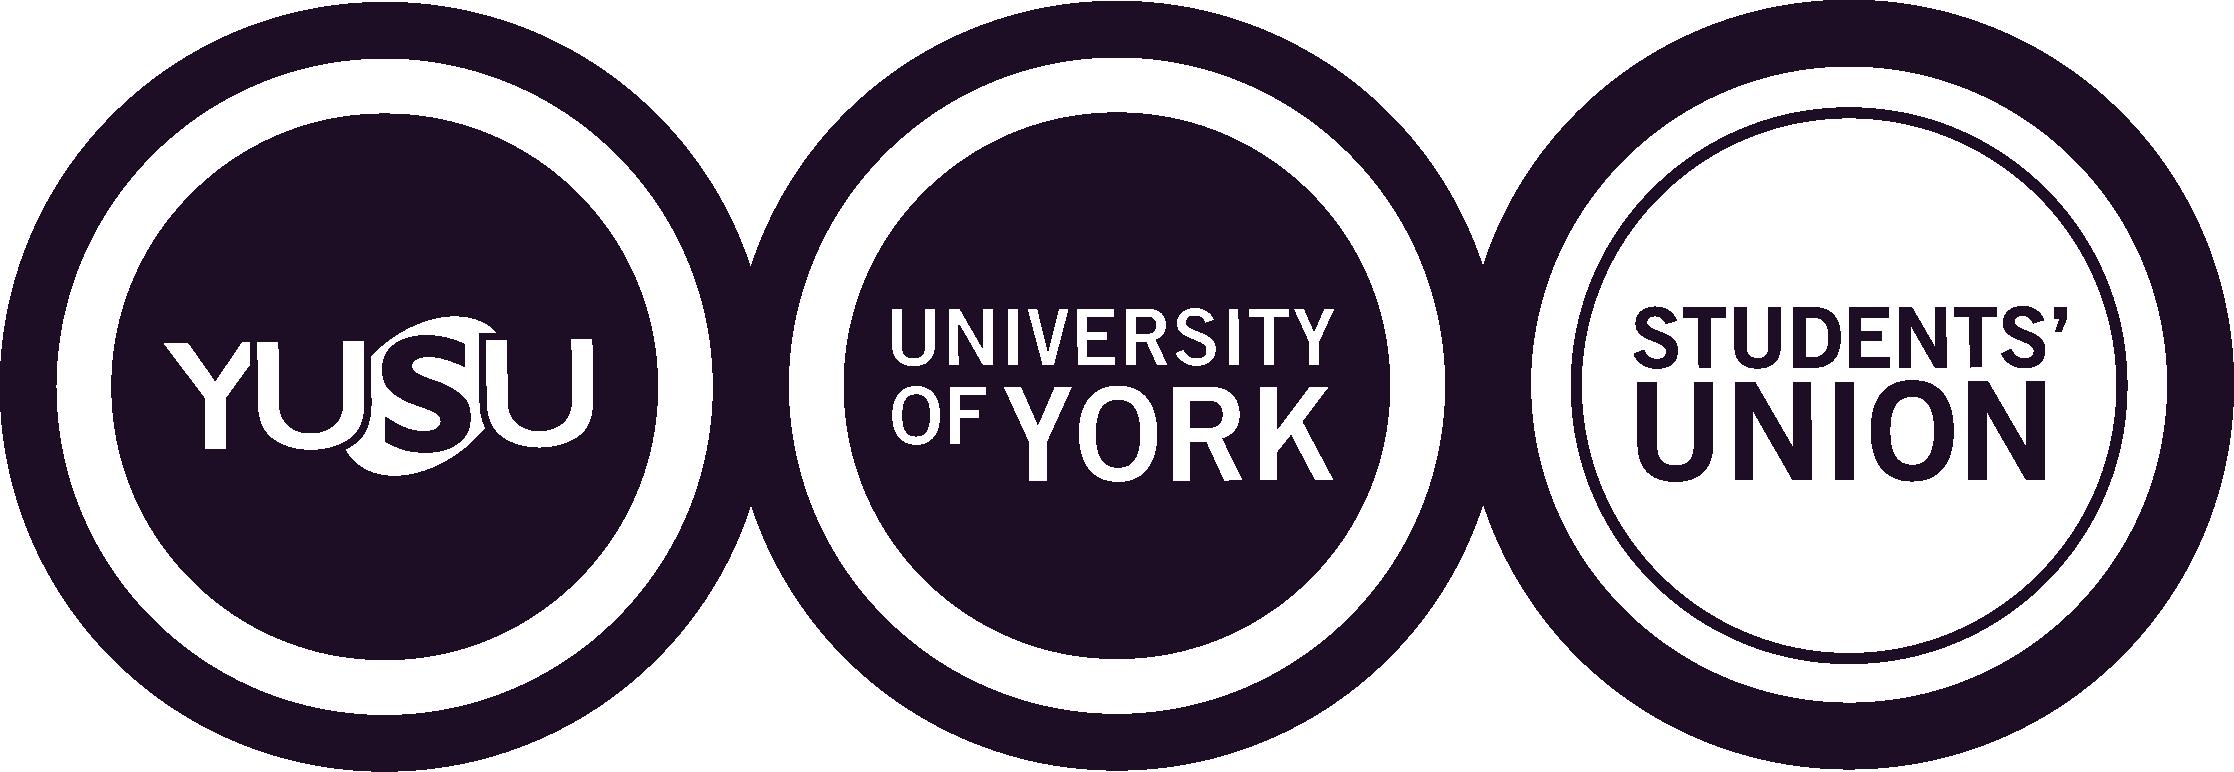 YUSU logo